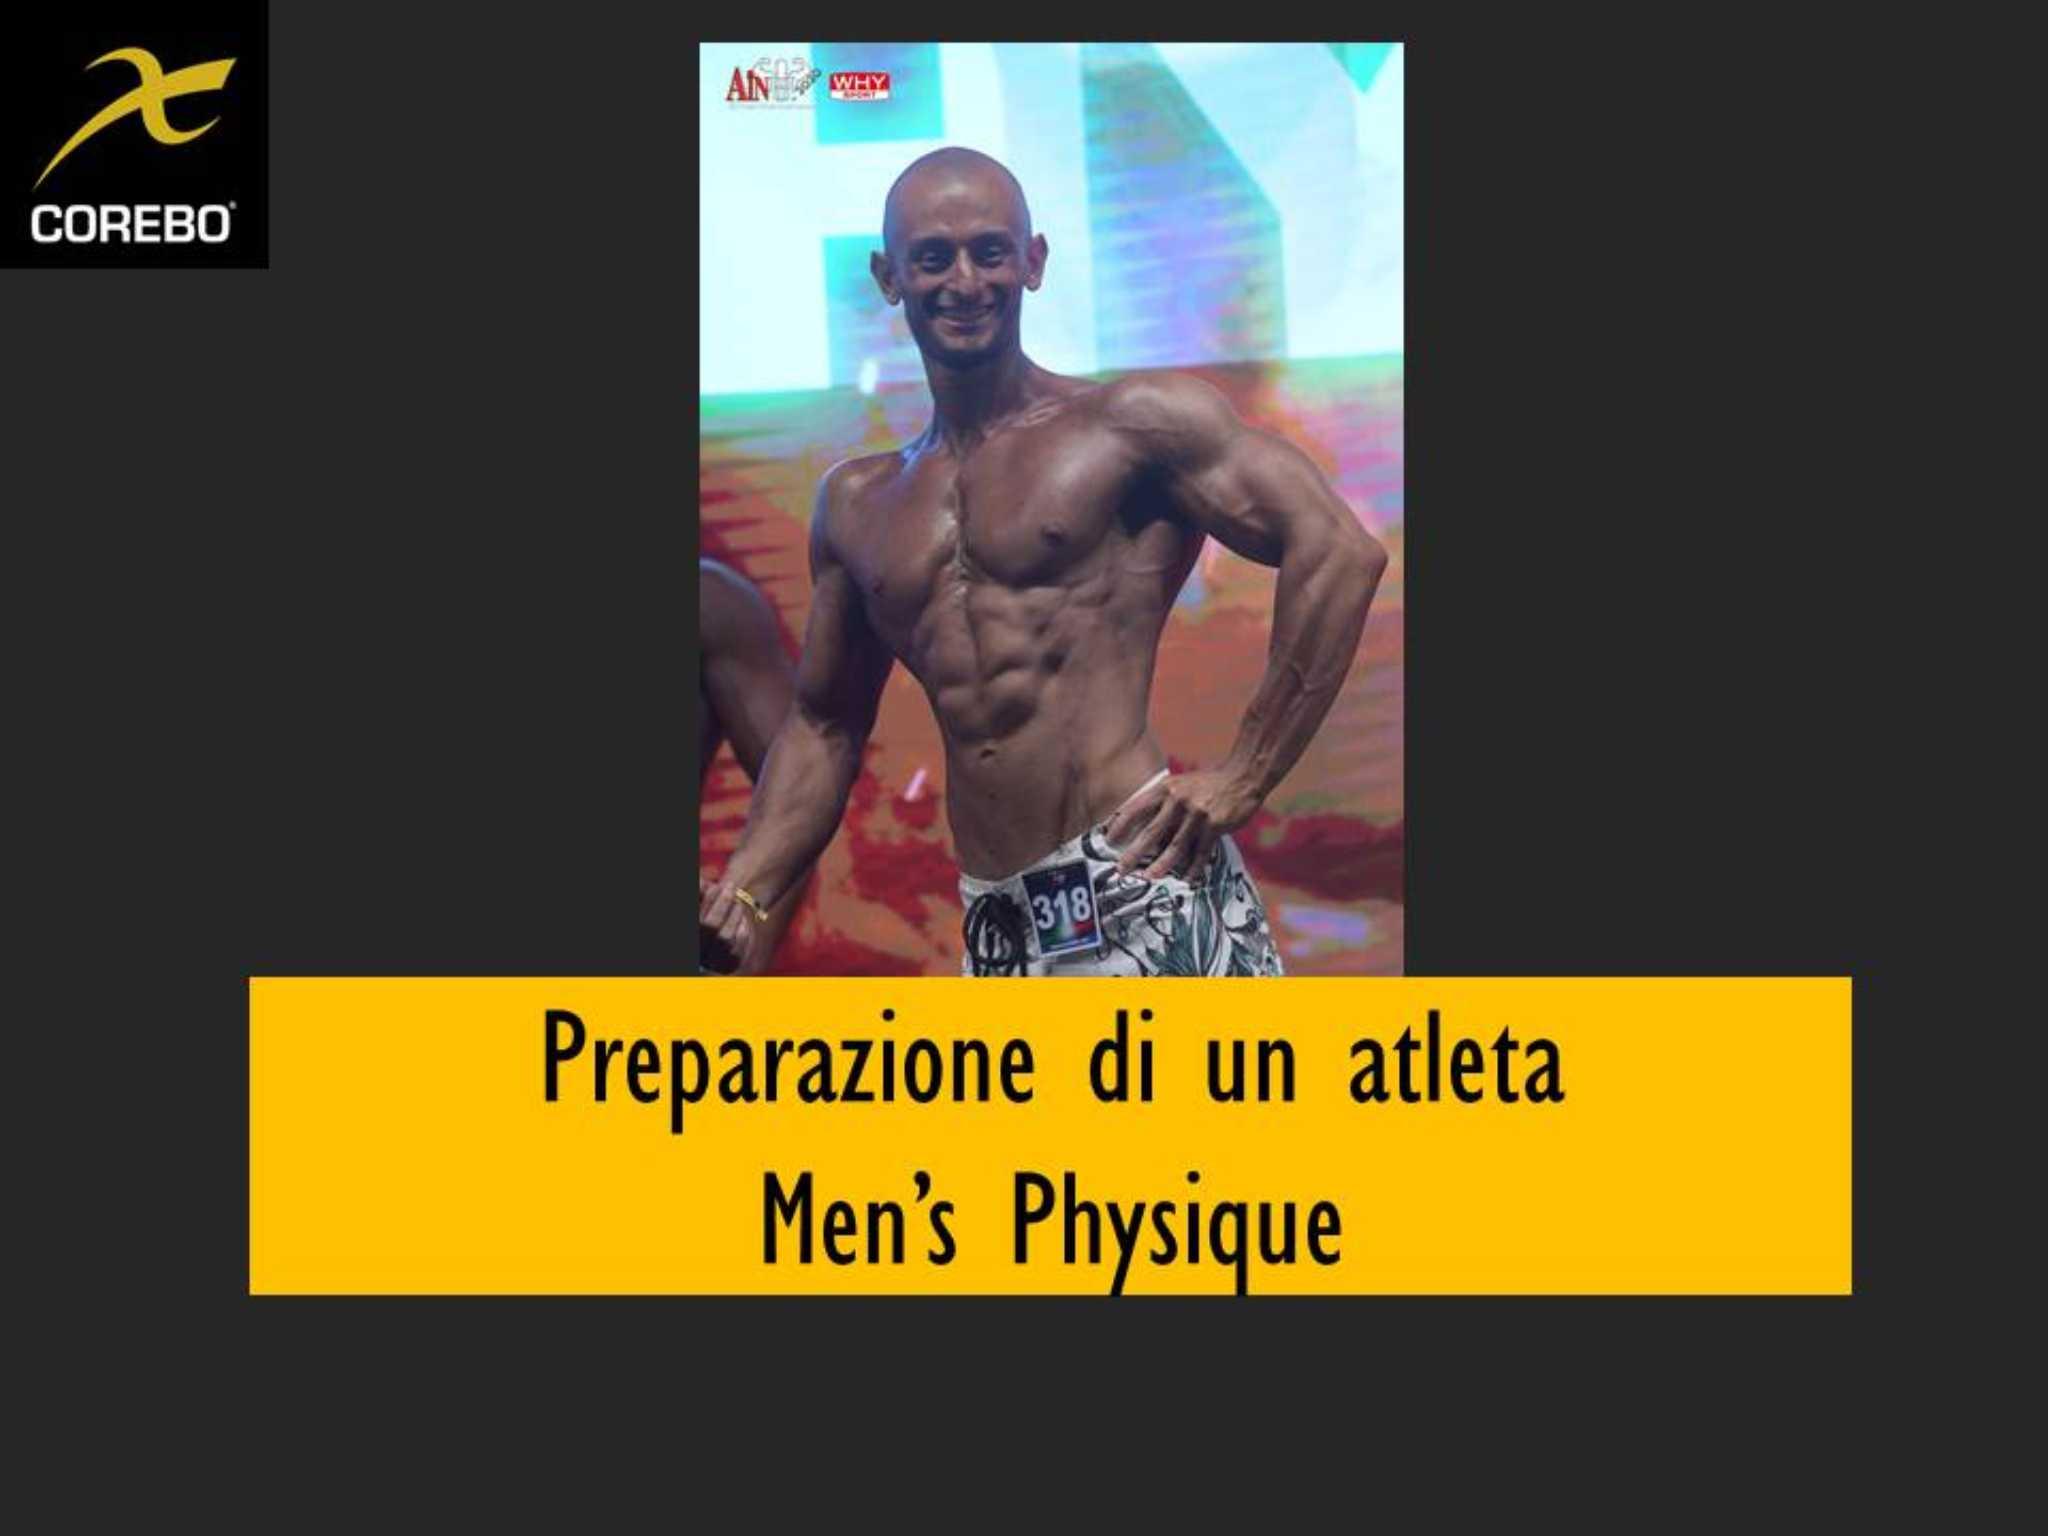 Preparazione di un atleta men's physique